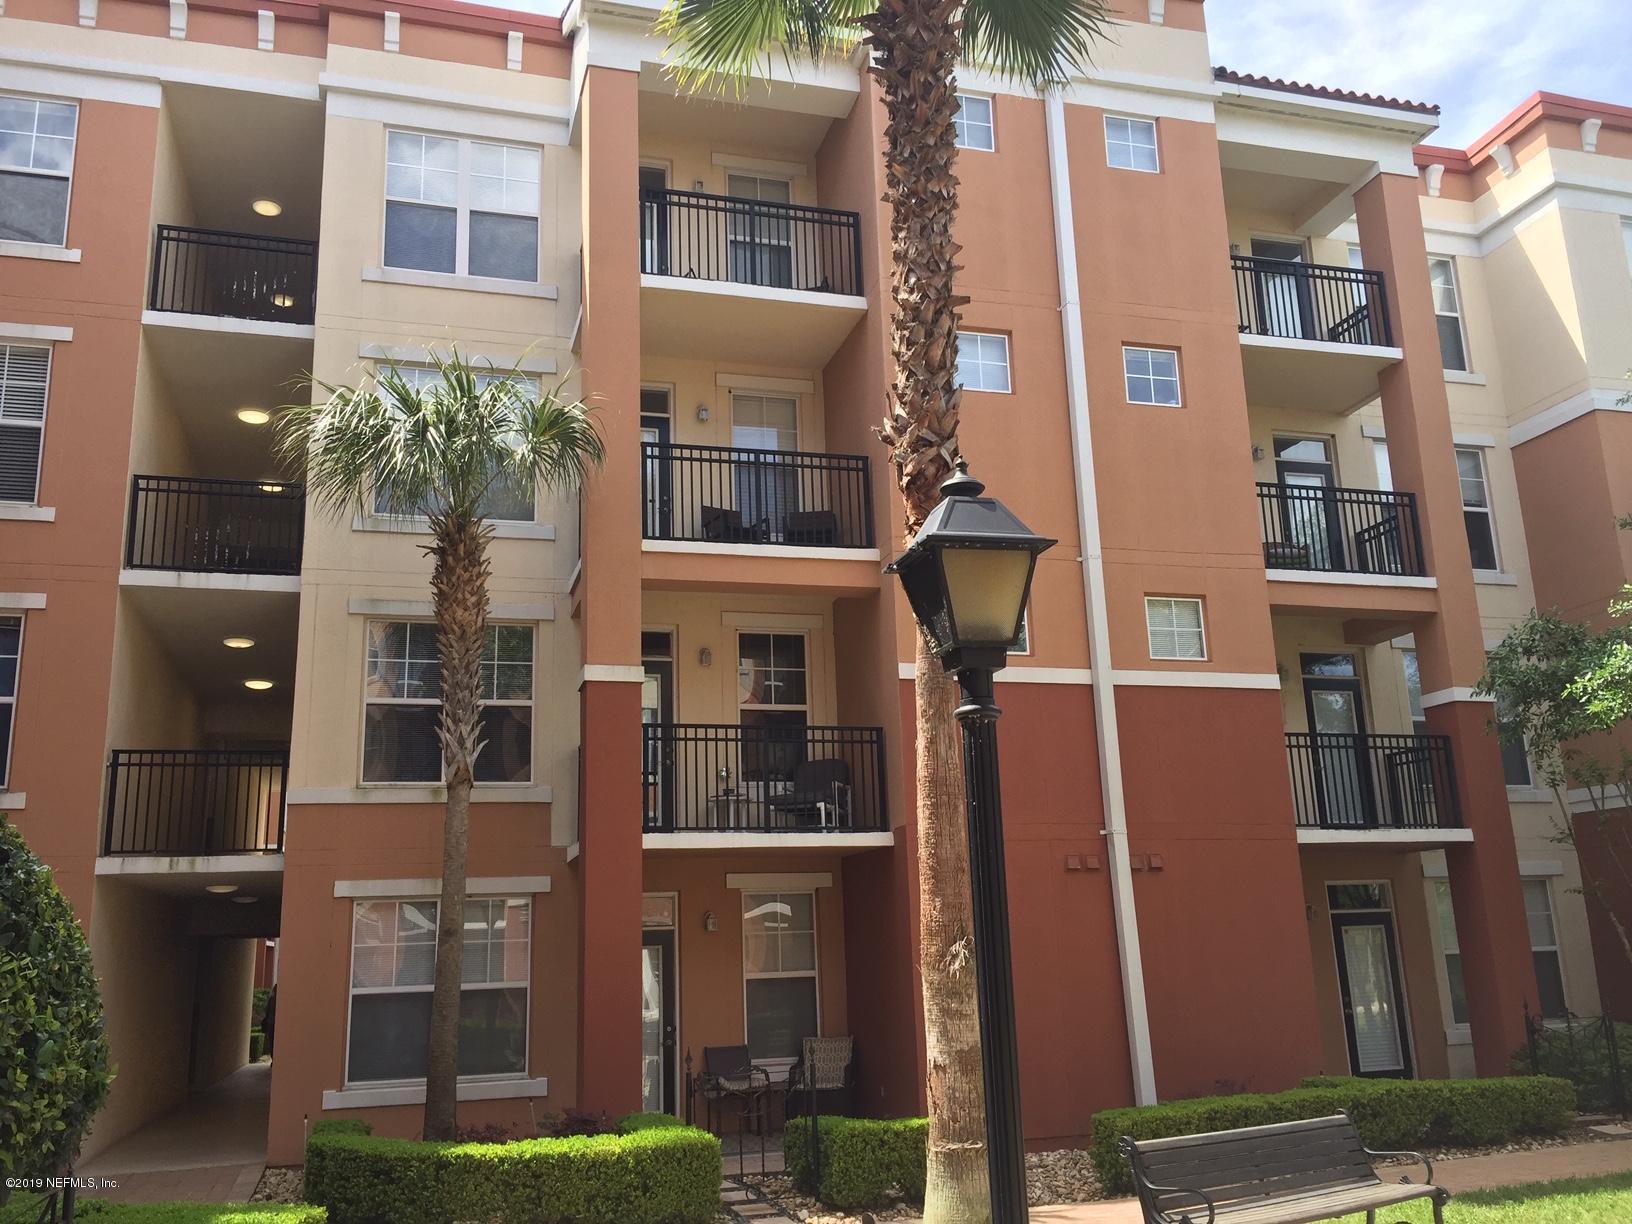 10435 MIDTOWN, JACKSONVILLE, FLORIDA 32246, 1 Bedroom Bedrooms, ,1 BathroomBathrooms,Condo,For sale,MIDTOWN,986942